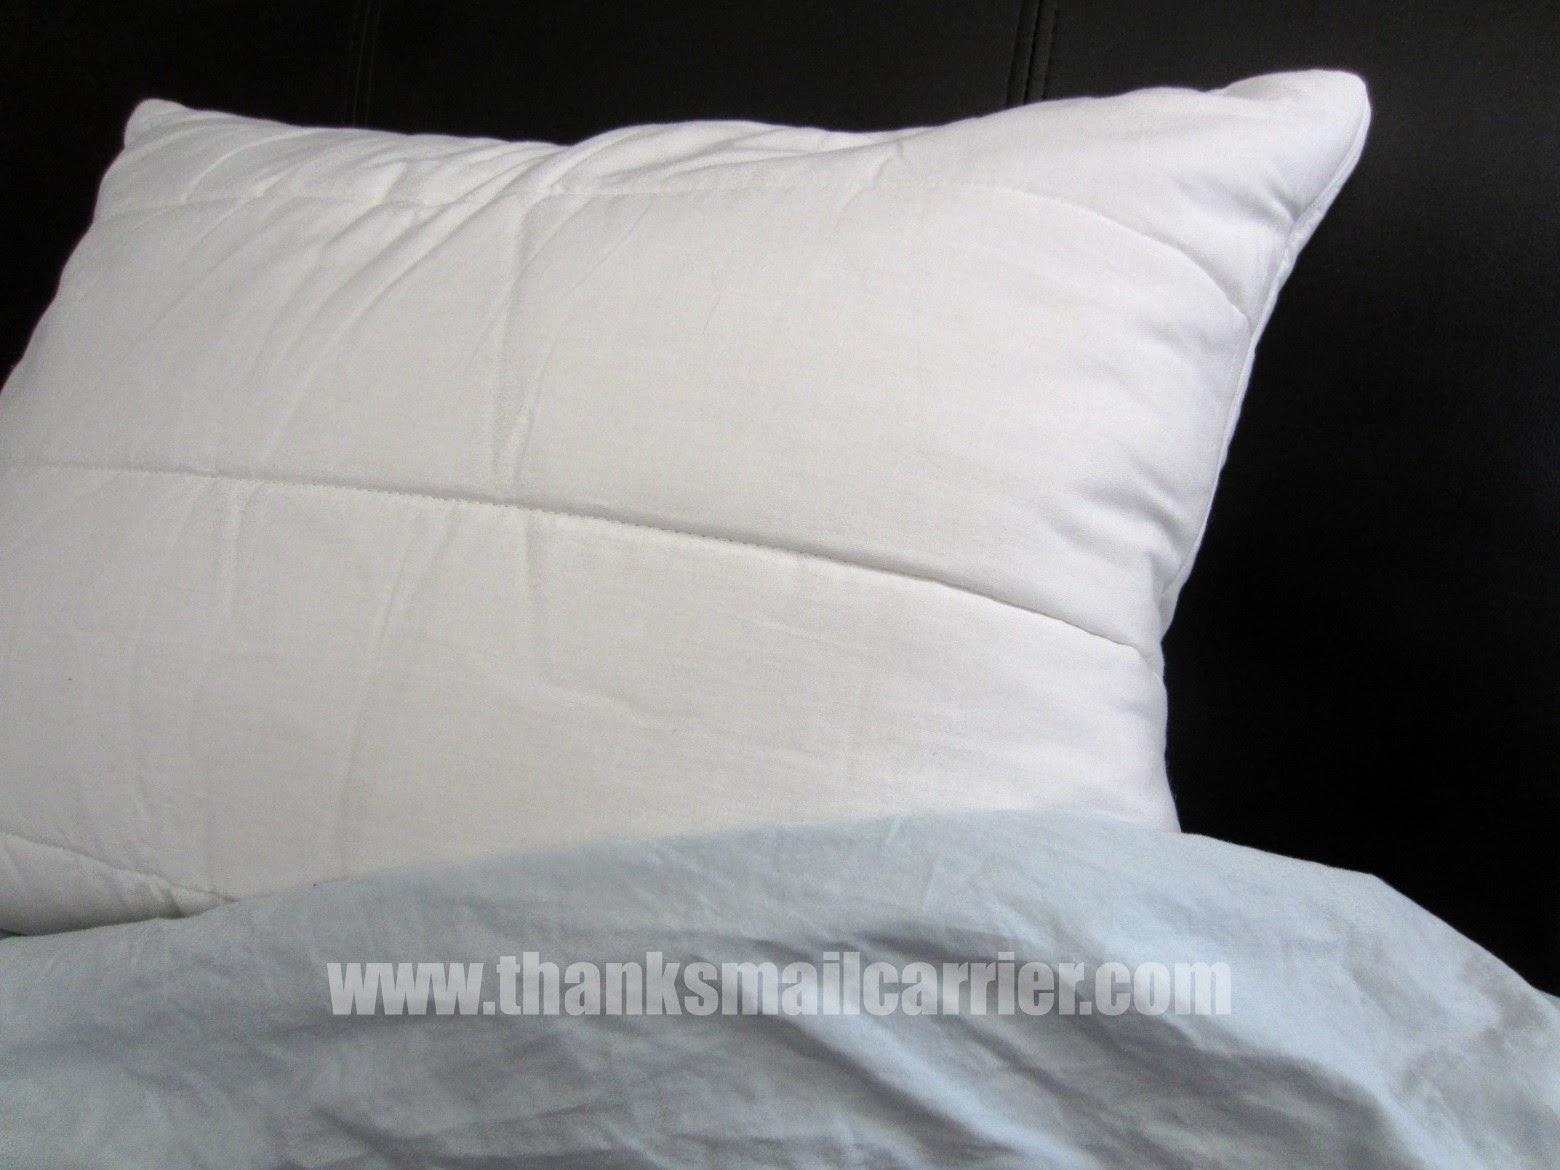 Reverie Sweet Slumber Pillow review